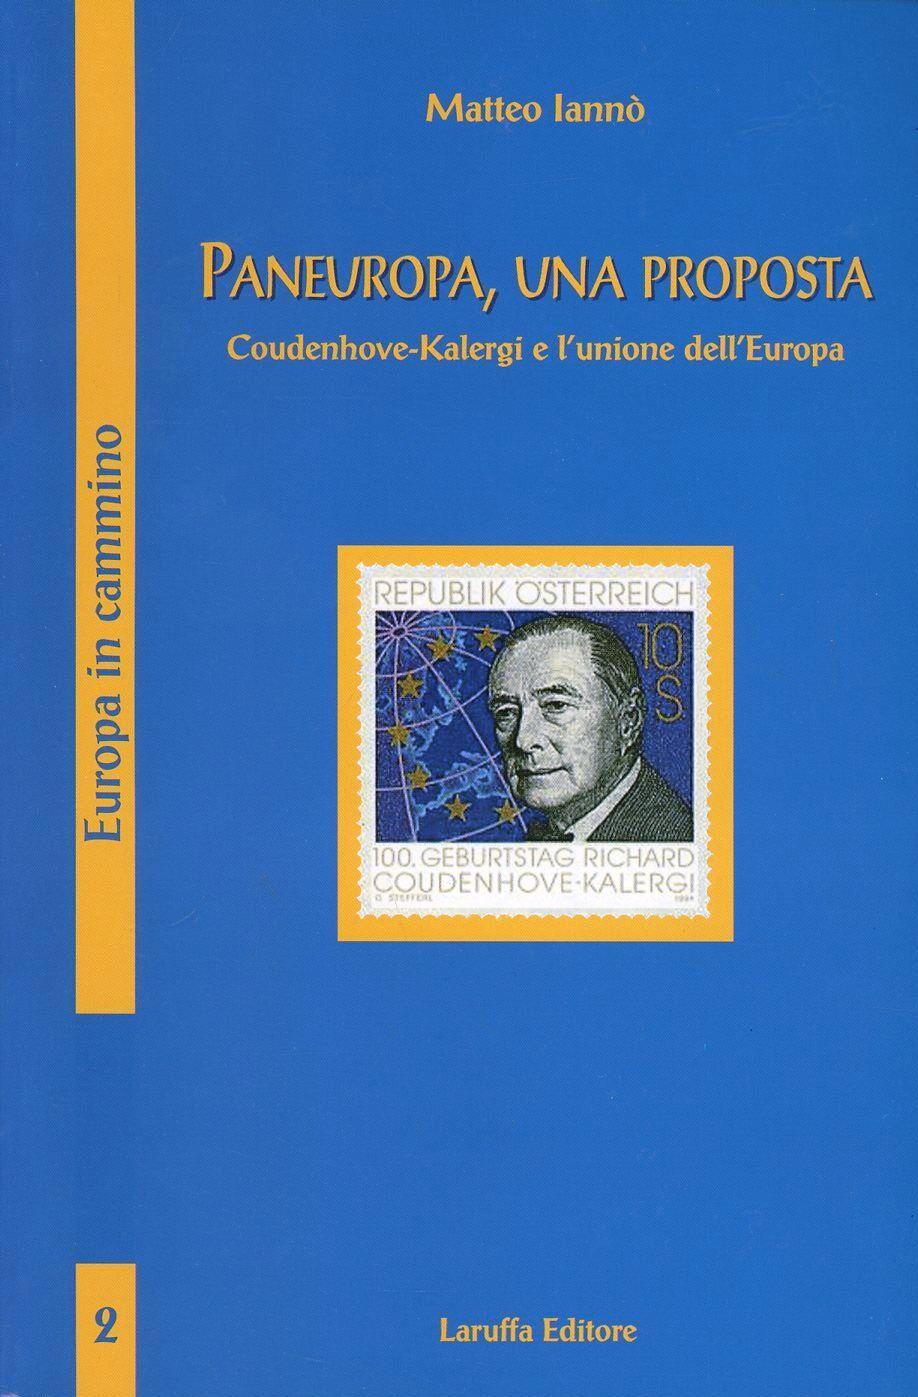 Paneuropa una proposta. Coudenhove-Kalergi e l'unione dell'Europa